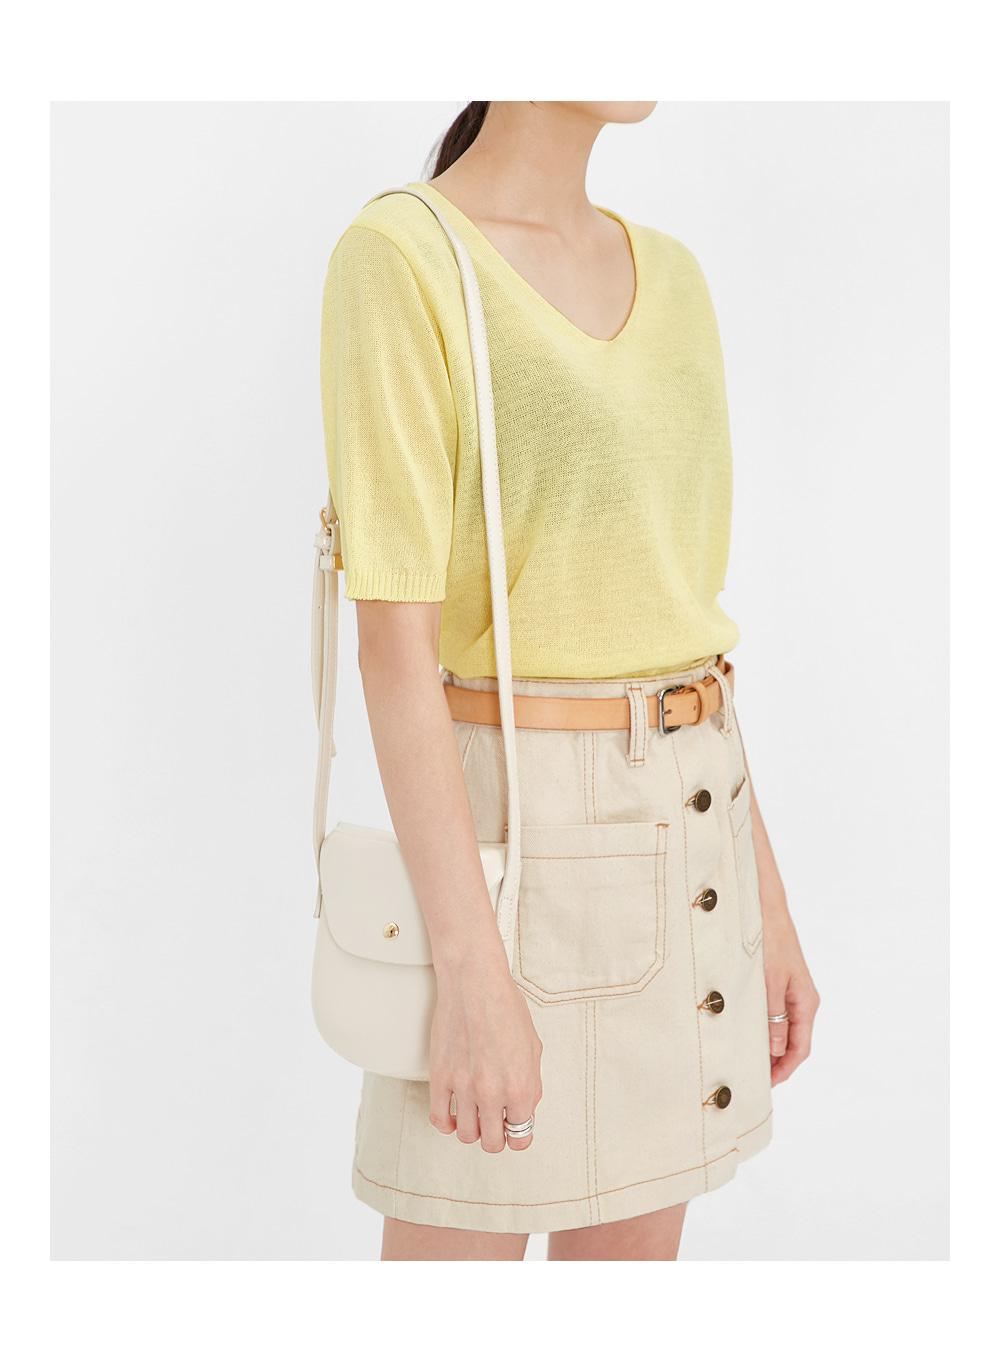 adorable mini bag